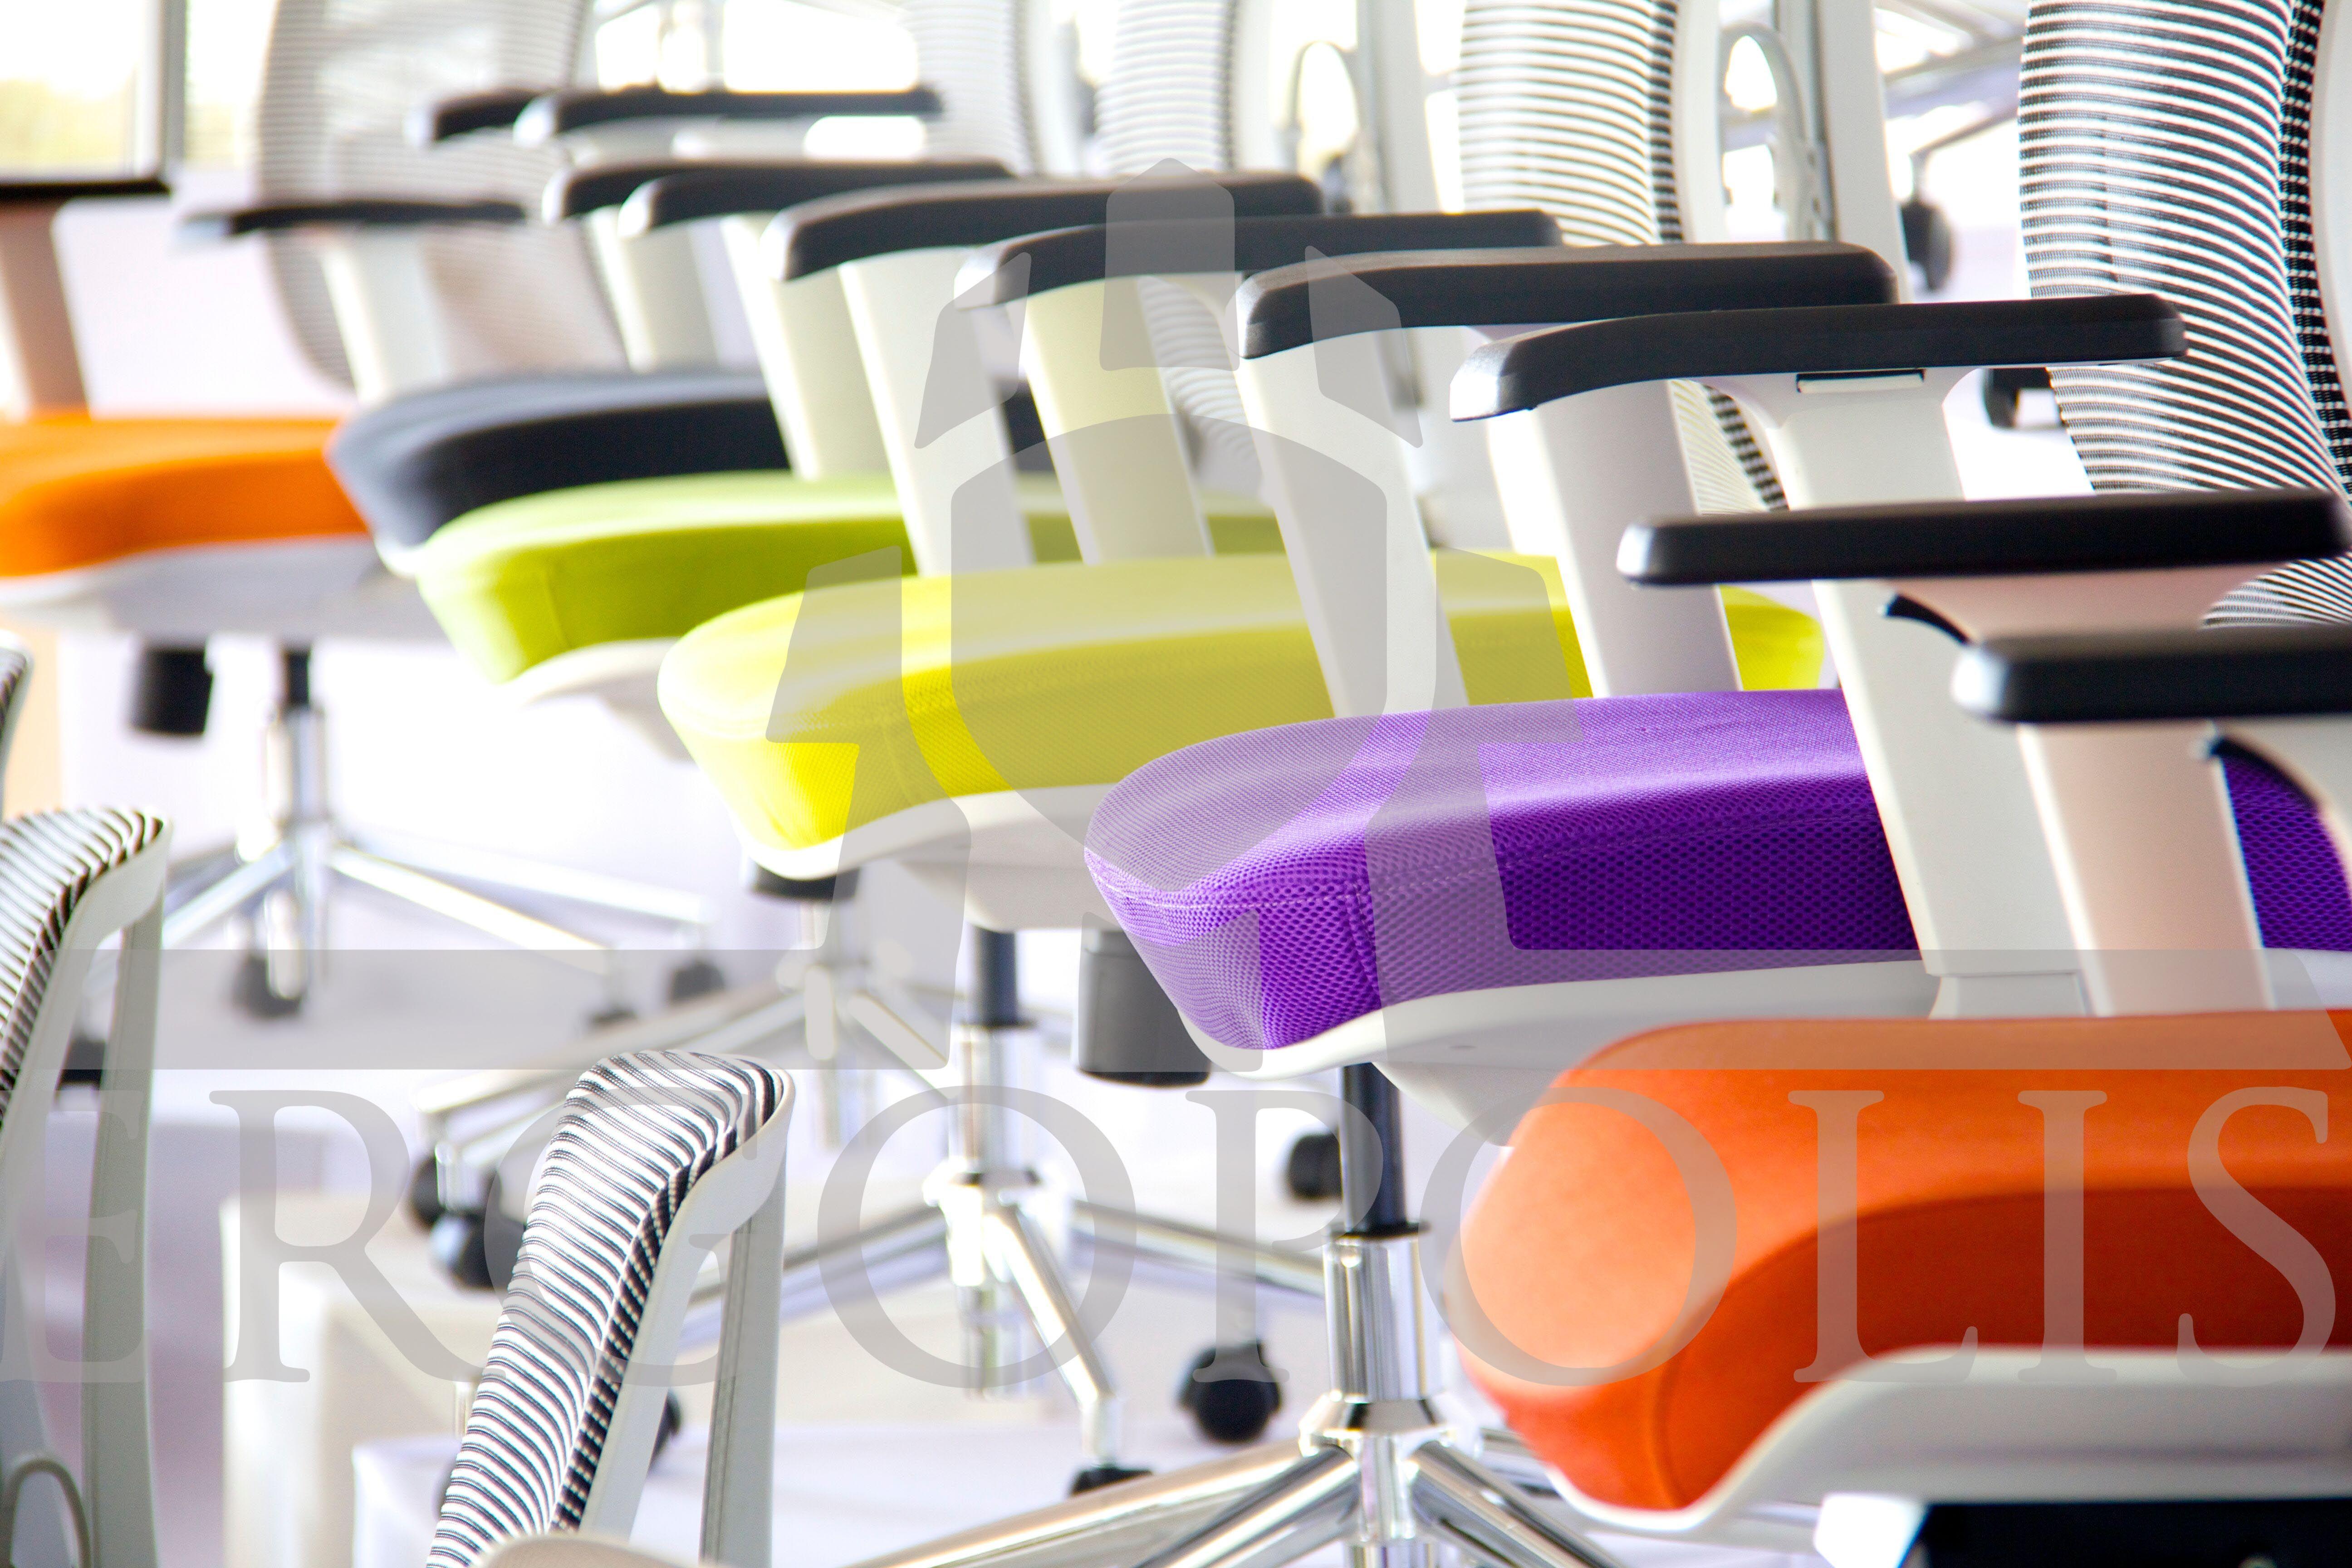 Sillas Amelia Con Asientos Tapizados En Colores Vivos Ergonomia  # Muebles De Oficina Wagner